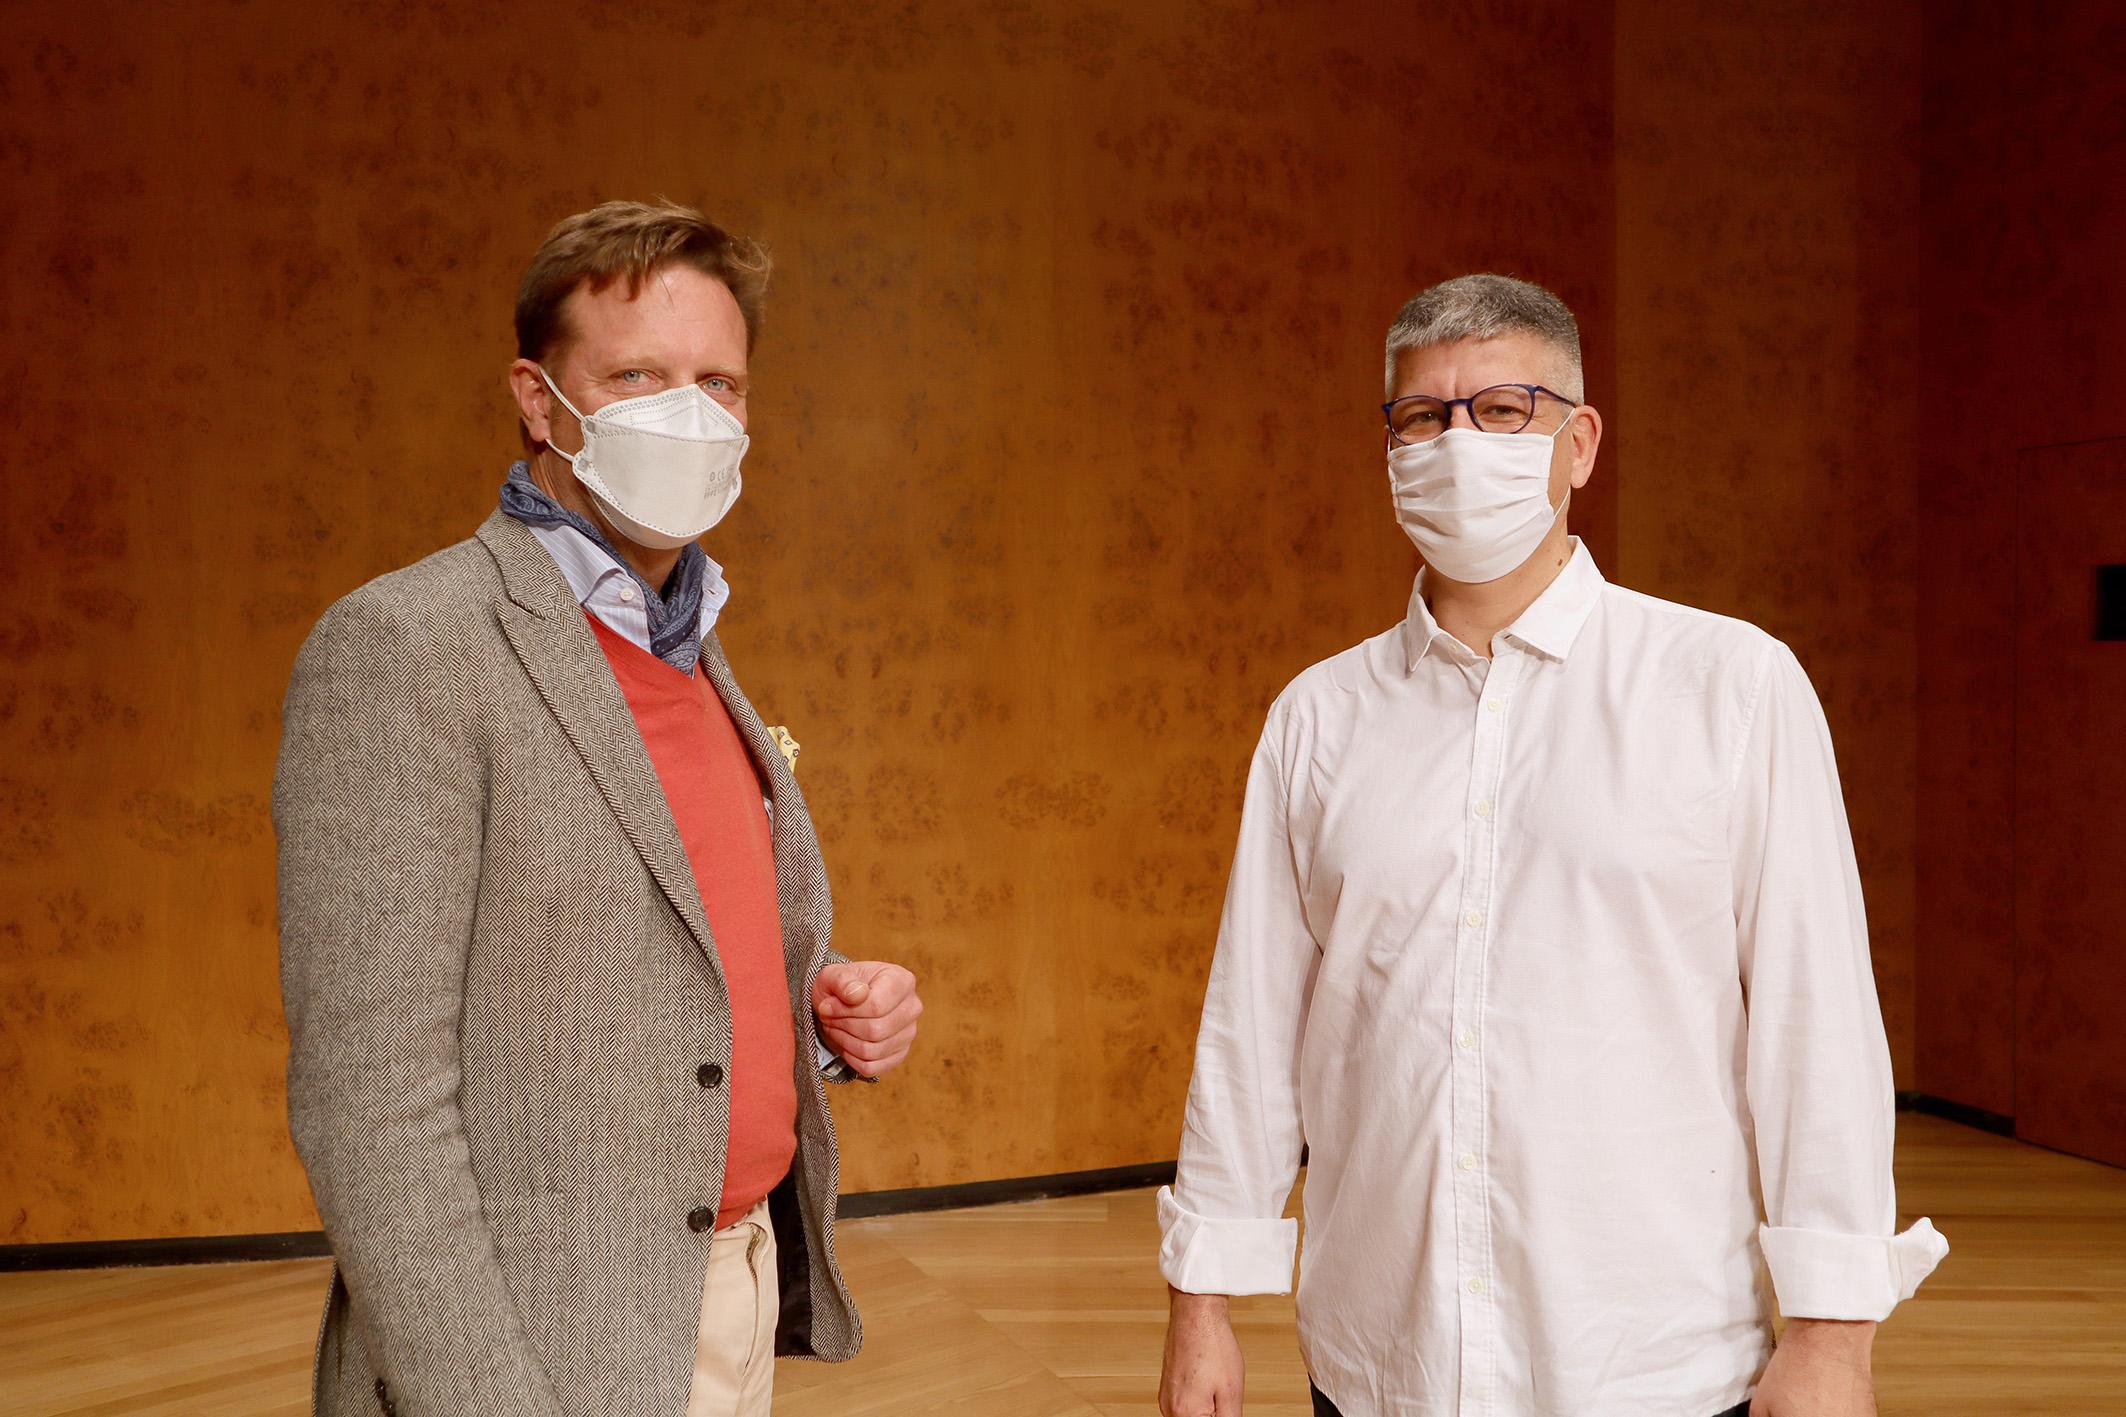 La Fundación Auditorio y Teatro firma un convenio con Promuscan para impulsar la labor de los compositores y divulgar legado musical de Canarias